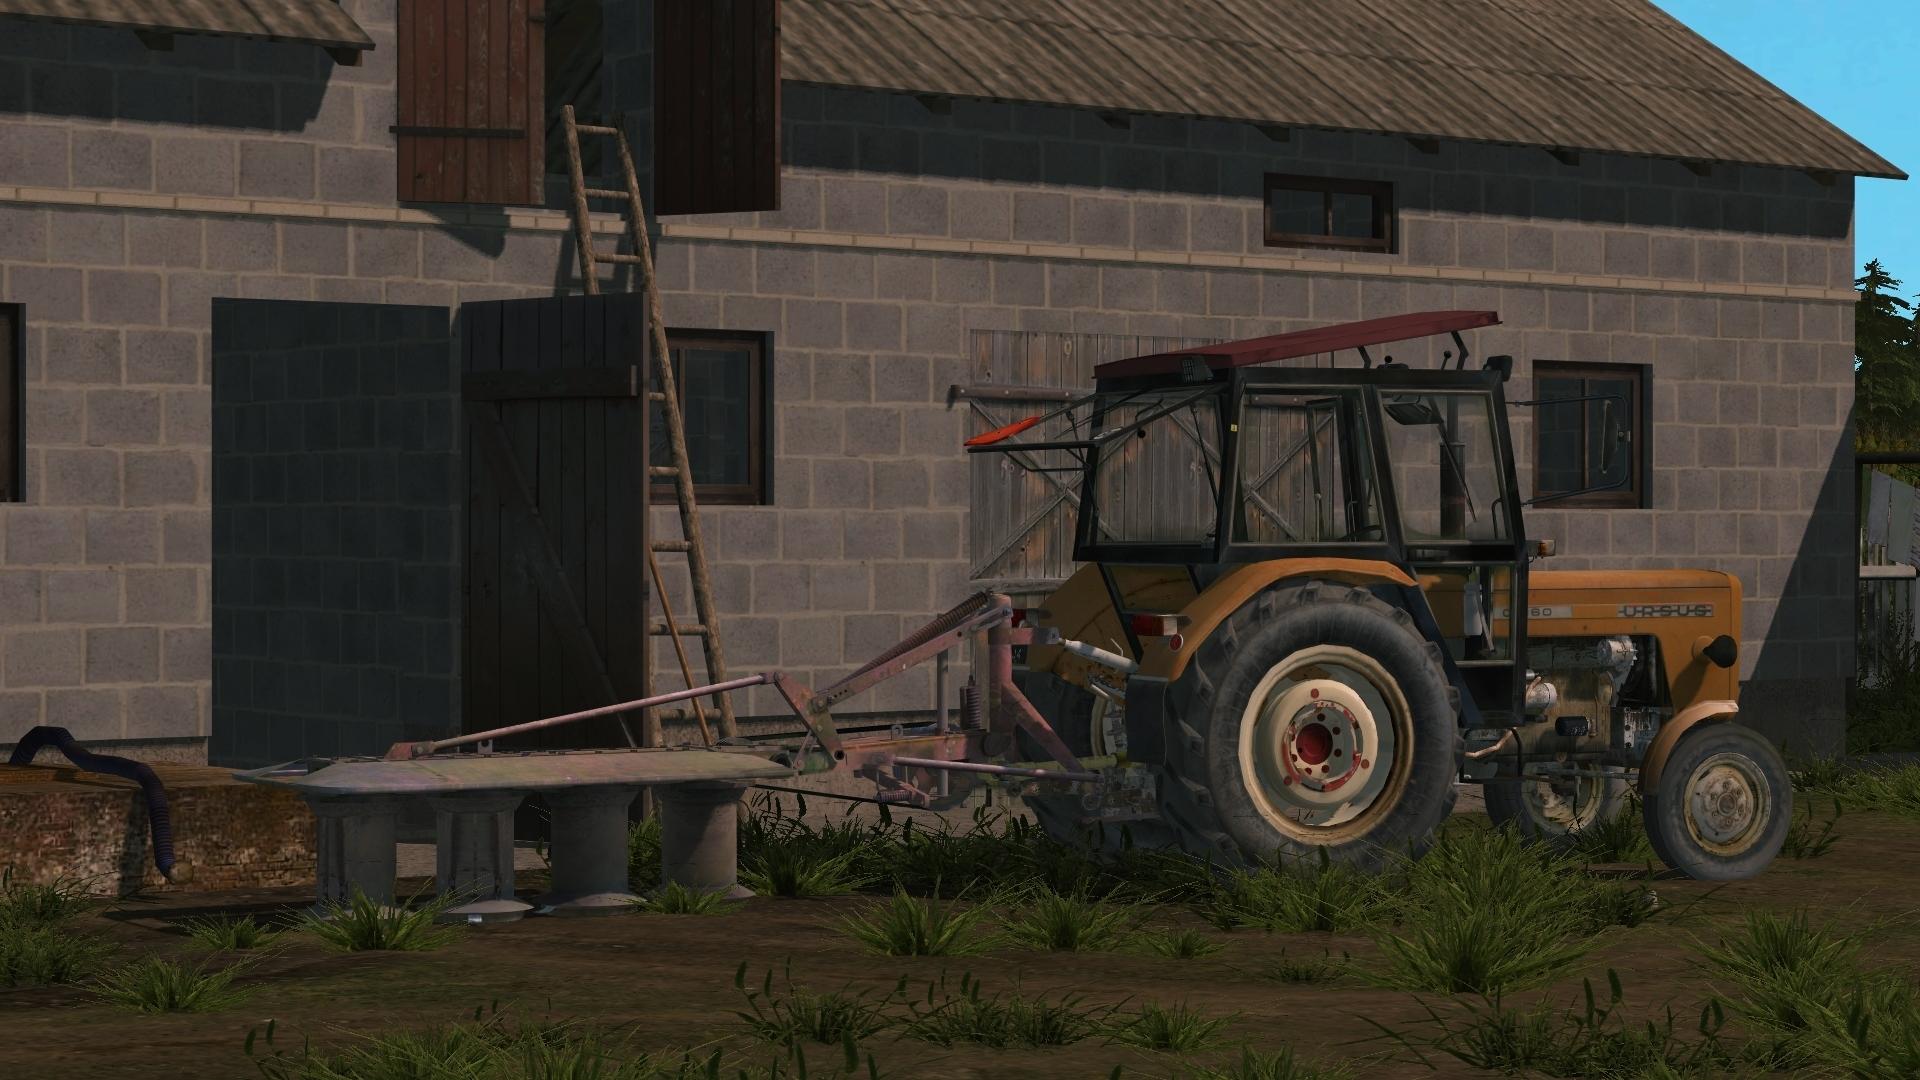 http://abload.de/img/farmingsimulator2013g00ogx.jpg